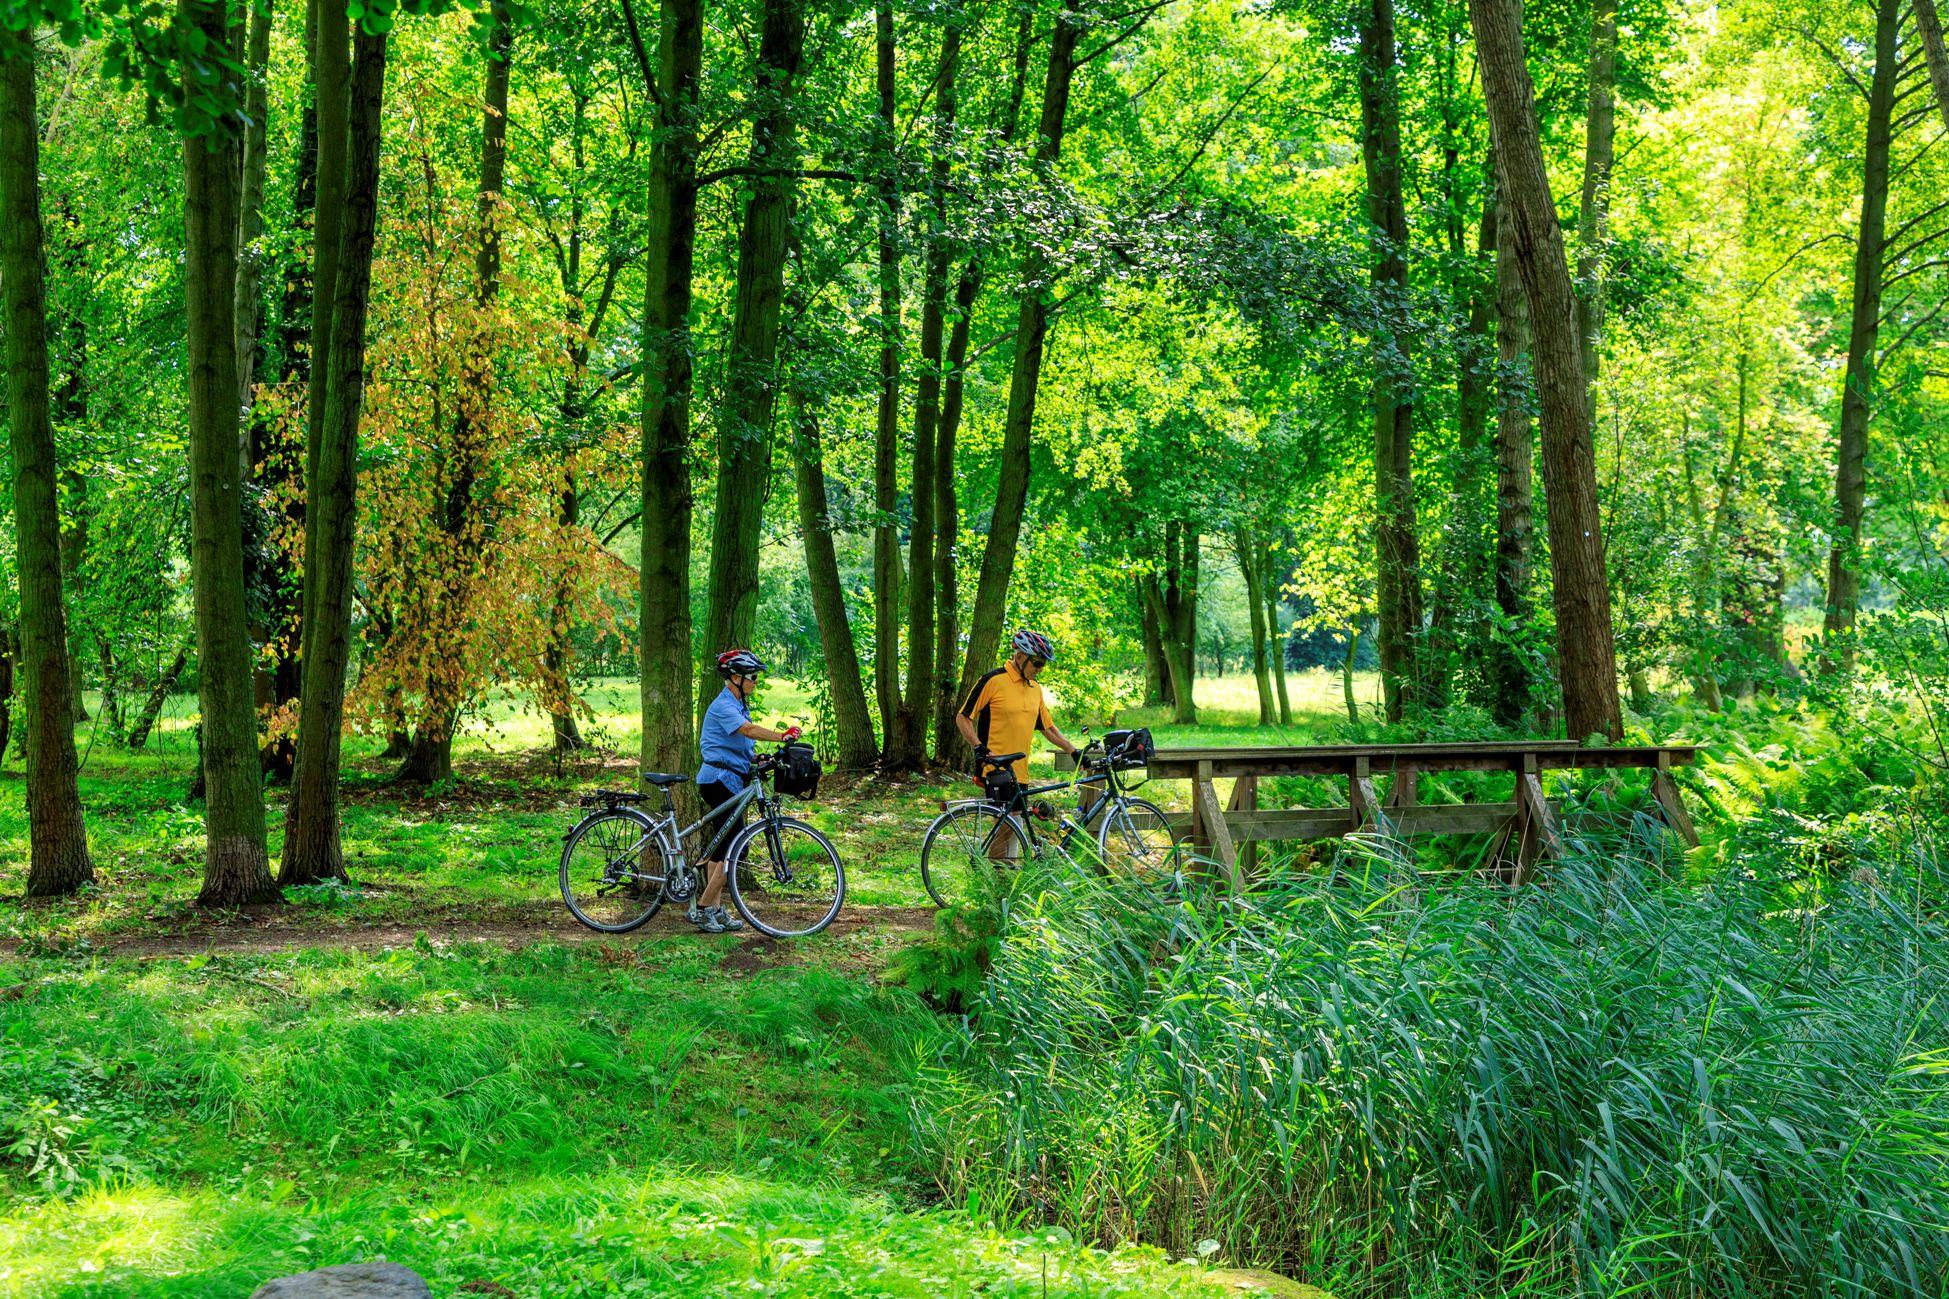 Fahrradfahrer im Kur- und Sagenpark Burg (Spreewald)